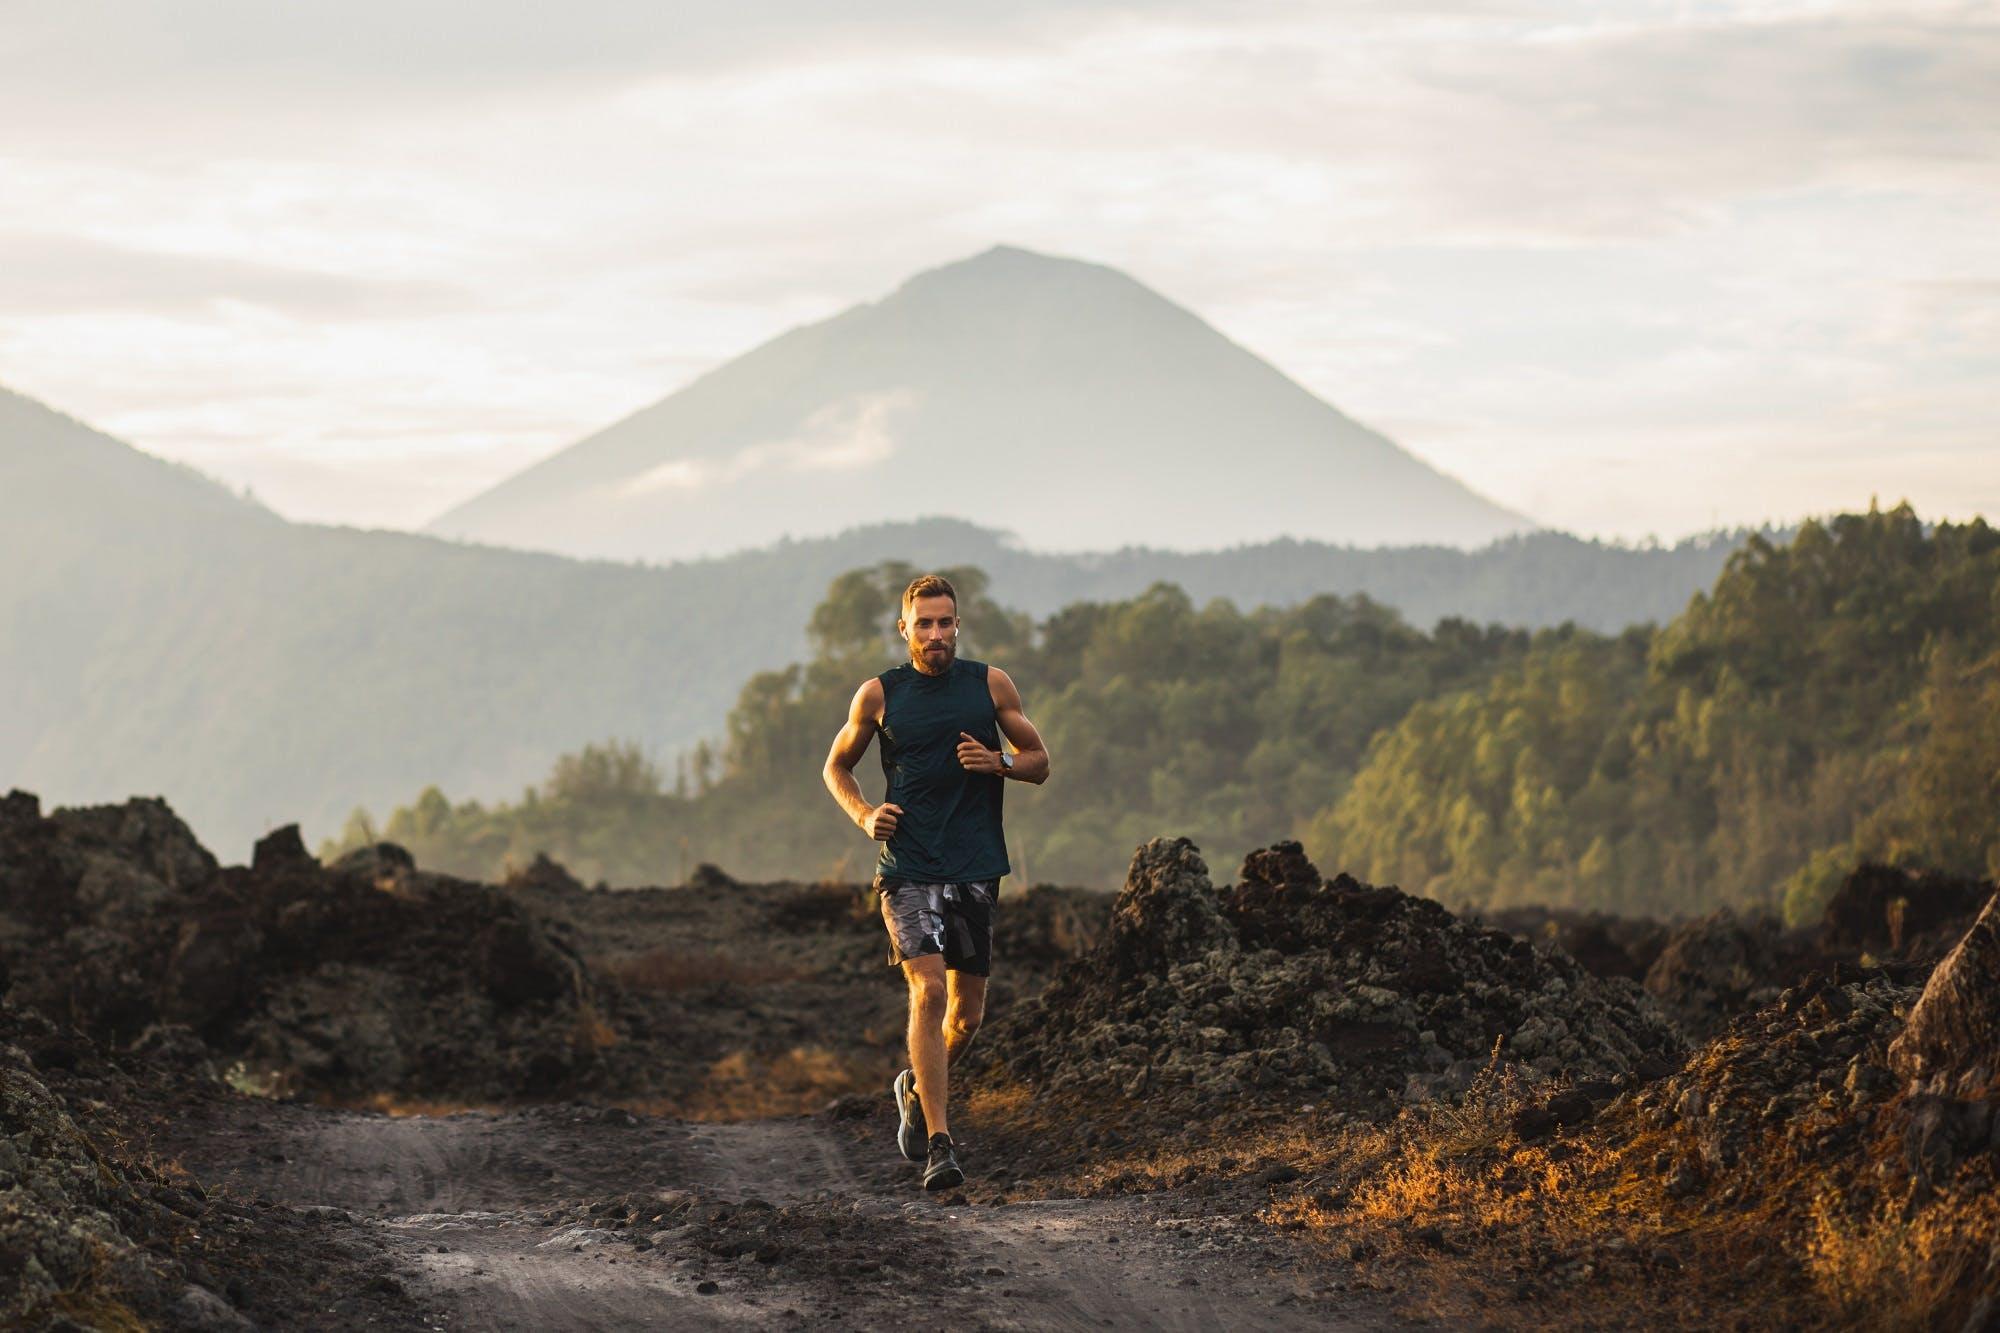 Γιατί το να τρέχεις μόνος ή στο διάδρομο και φαίνεται και είναι πιο δύσκολο-Όλα τα επιστημονικά δεδομένα